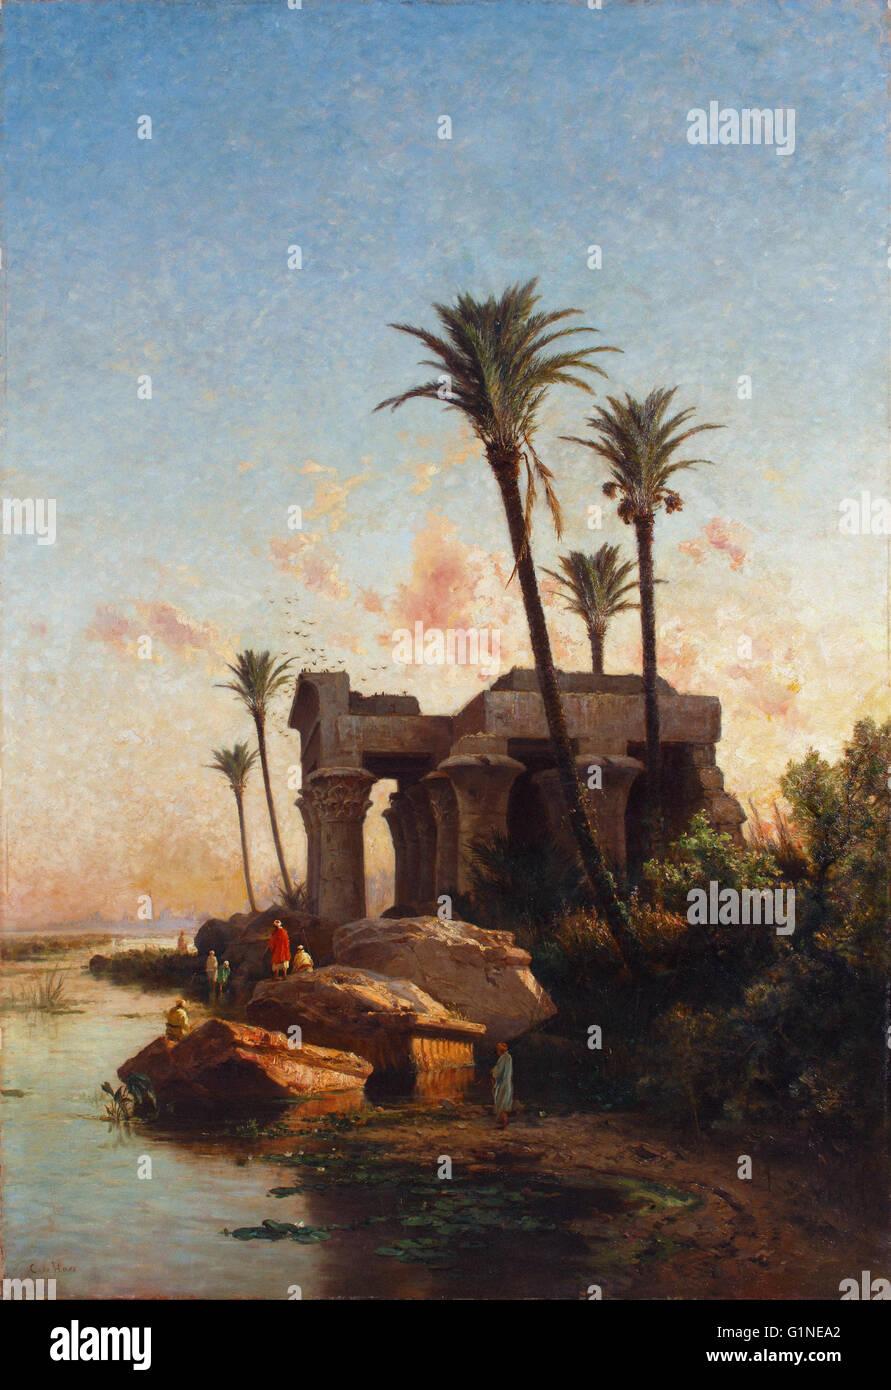 Carlos de Haes - Egypcian Paesaggio - Museo del Romanticismo, Madrid Immagini Stock